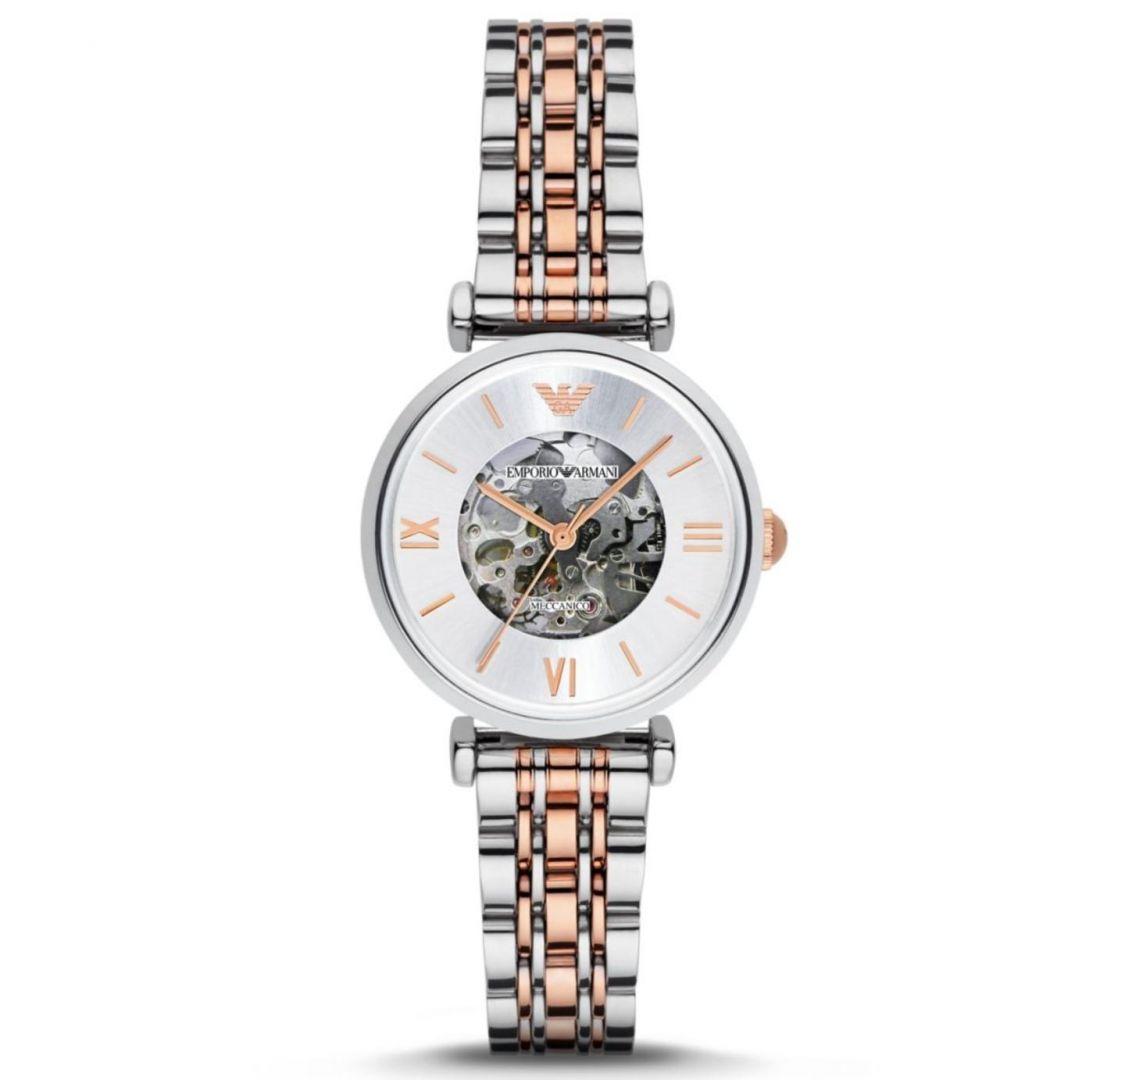 שעון יד אנלוגי לאישה emporio armani ar1992 אמפוריו ארמני